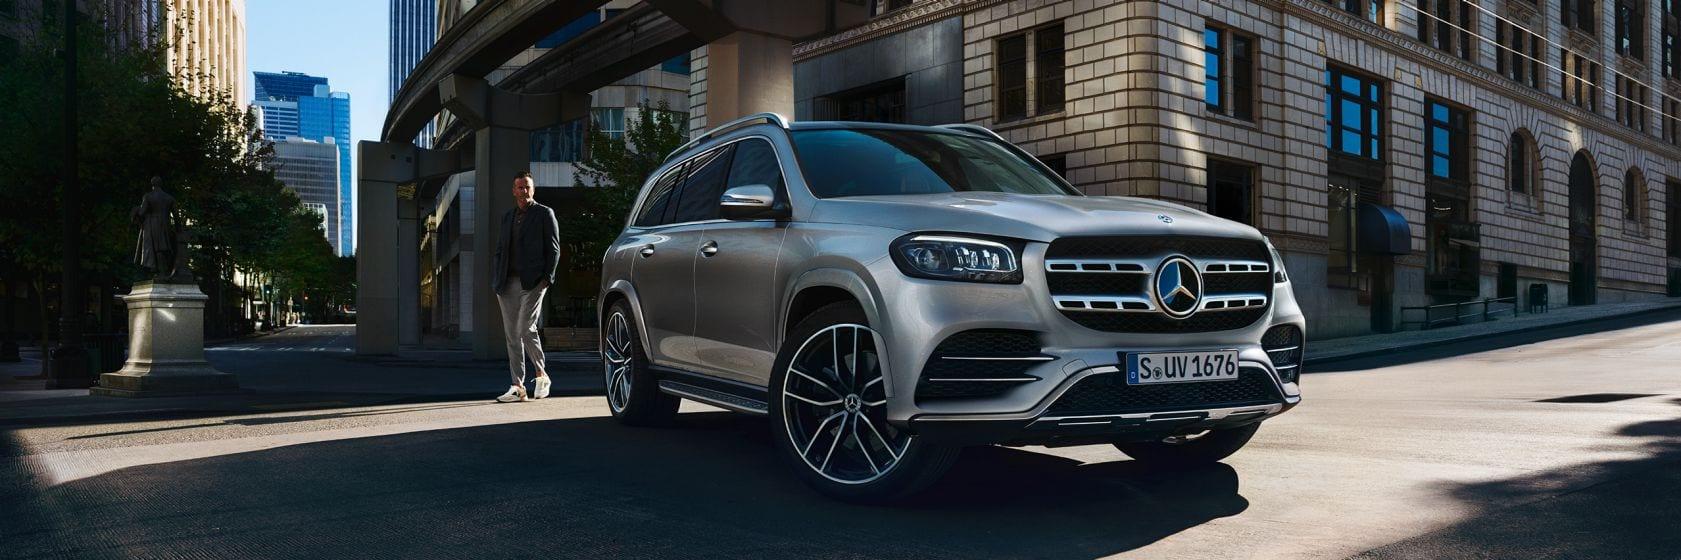 Огляд автомобіля GLS 2021